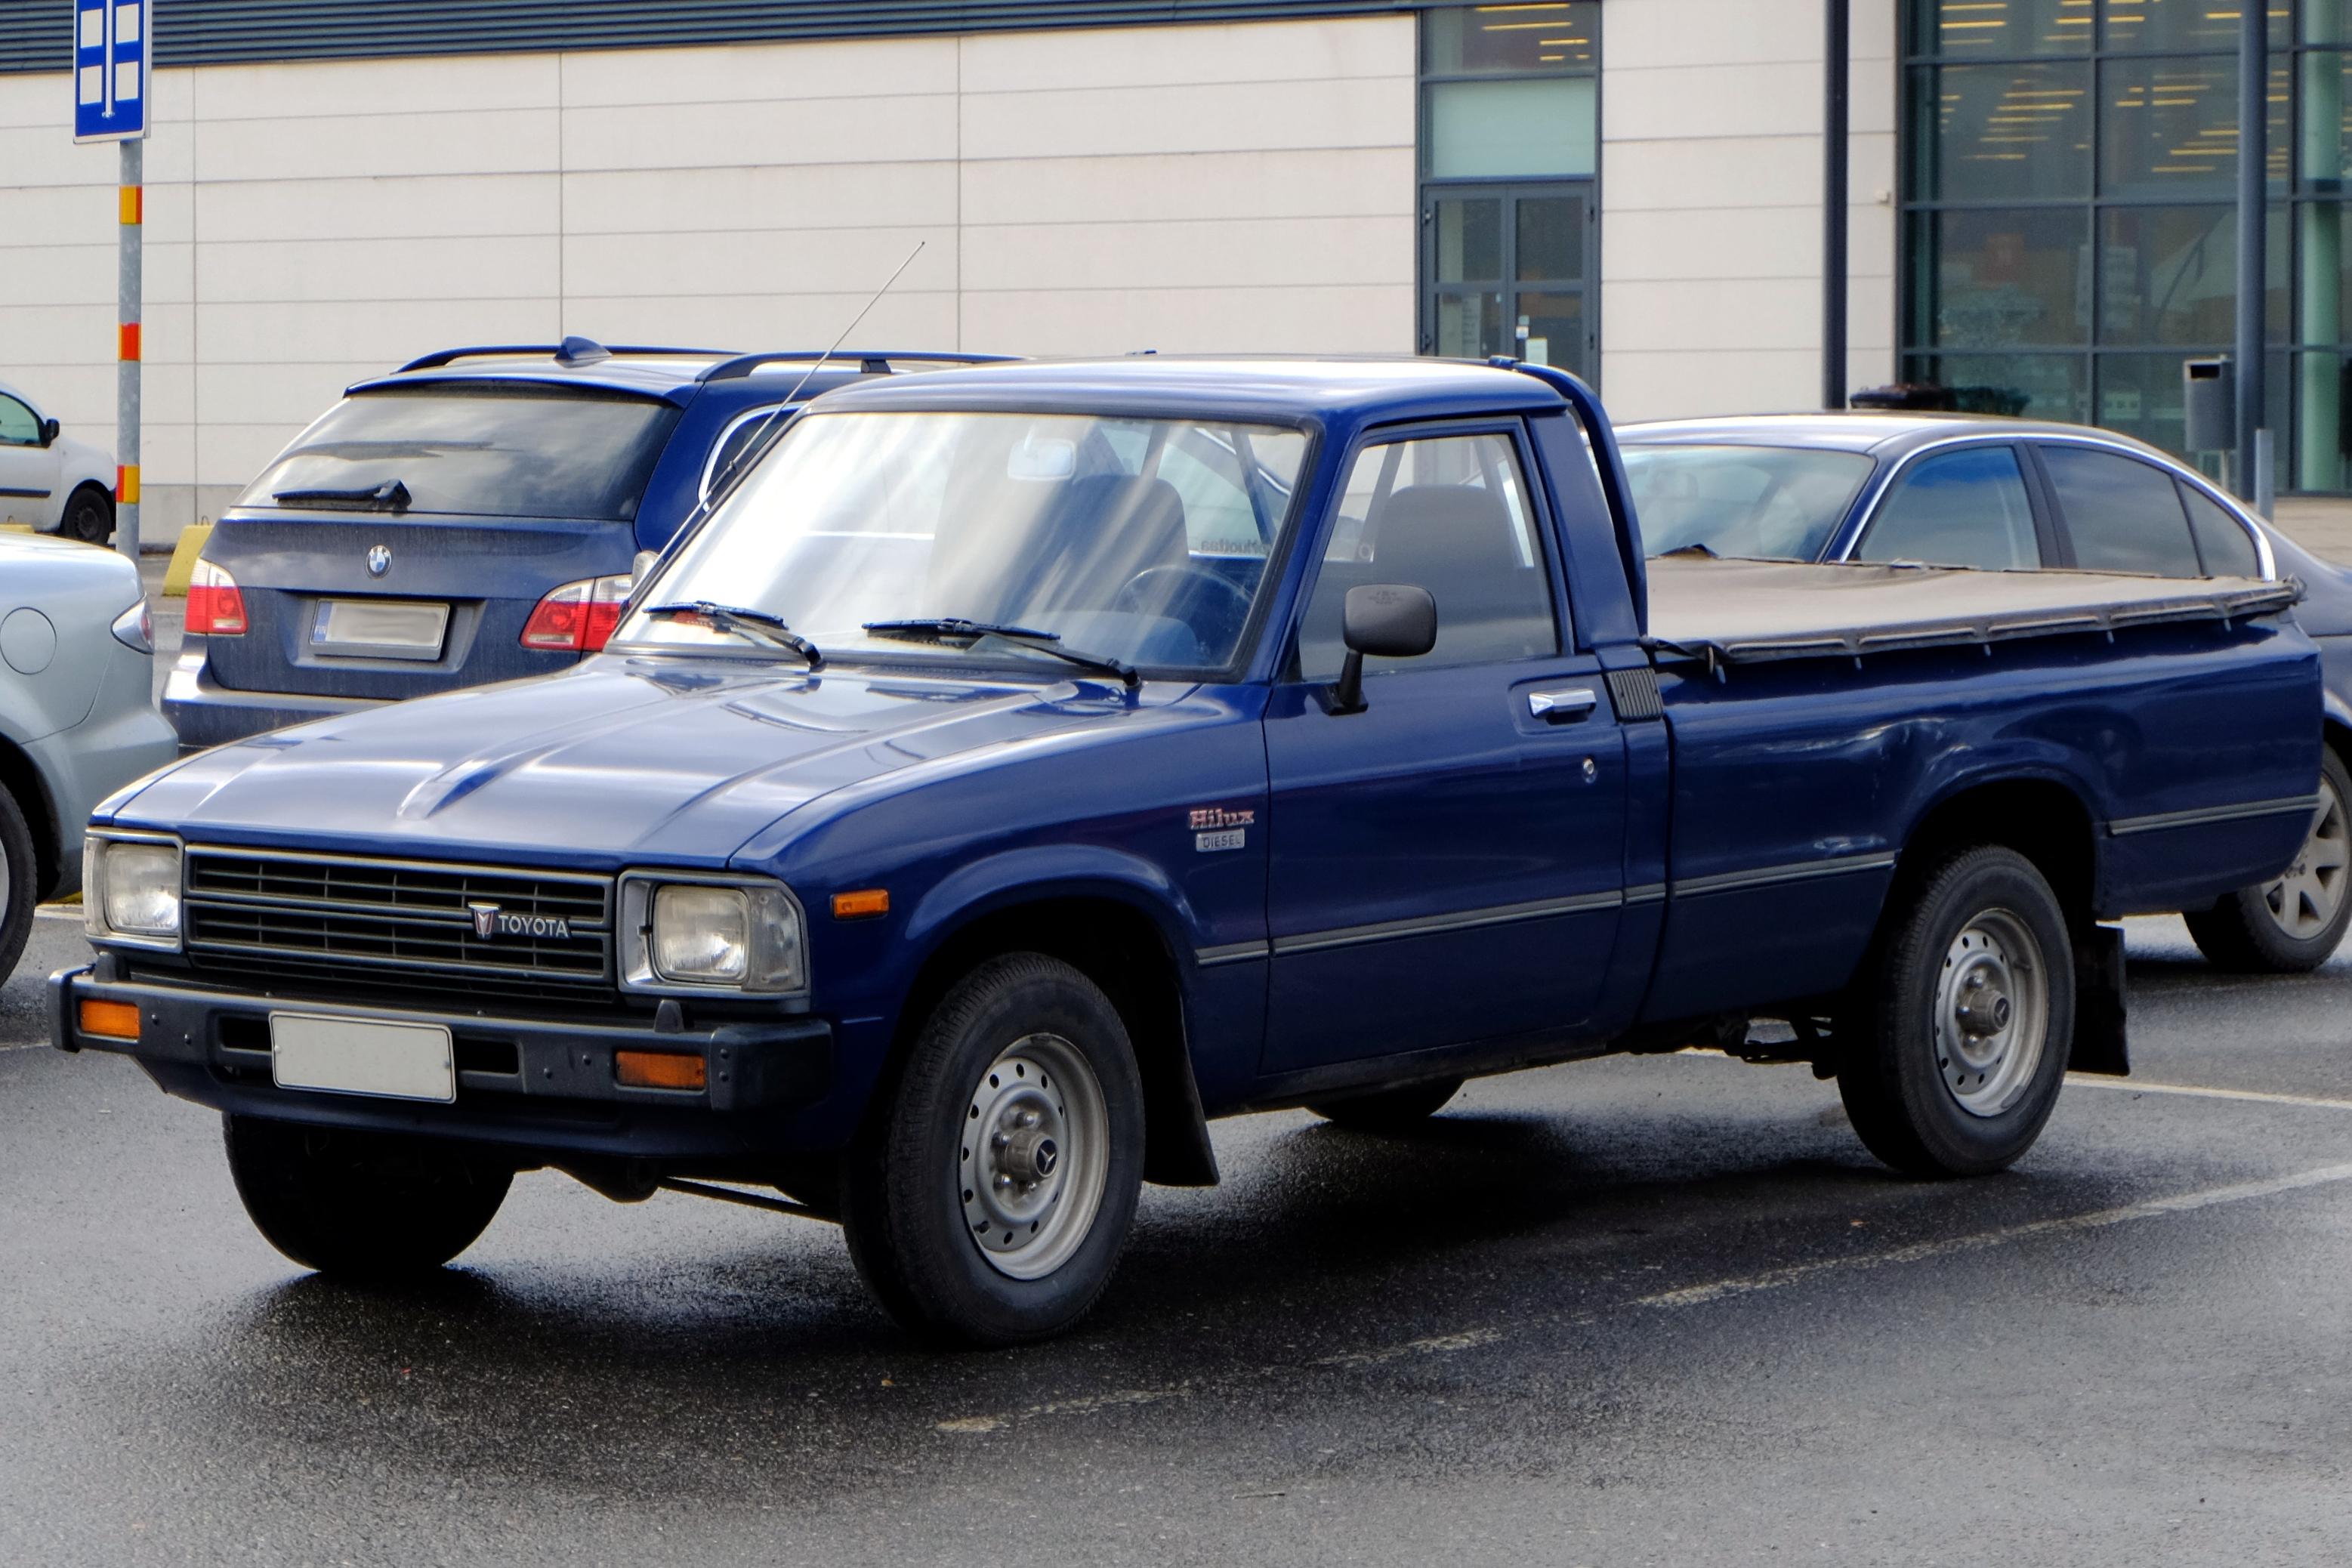 Kelebihan Kekurangan Toyota Hilux 1988 Spesifikasi